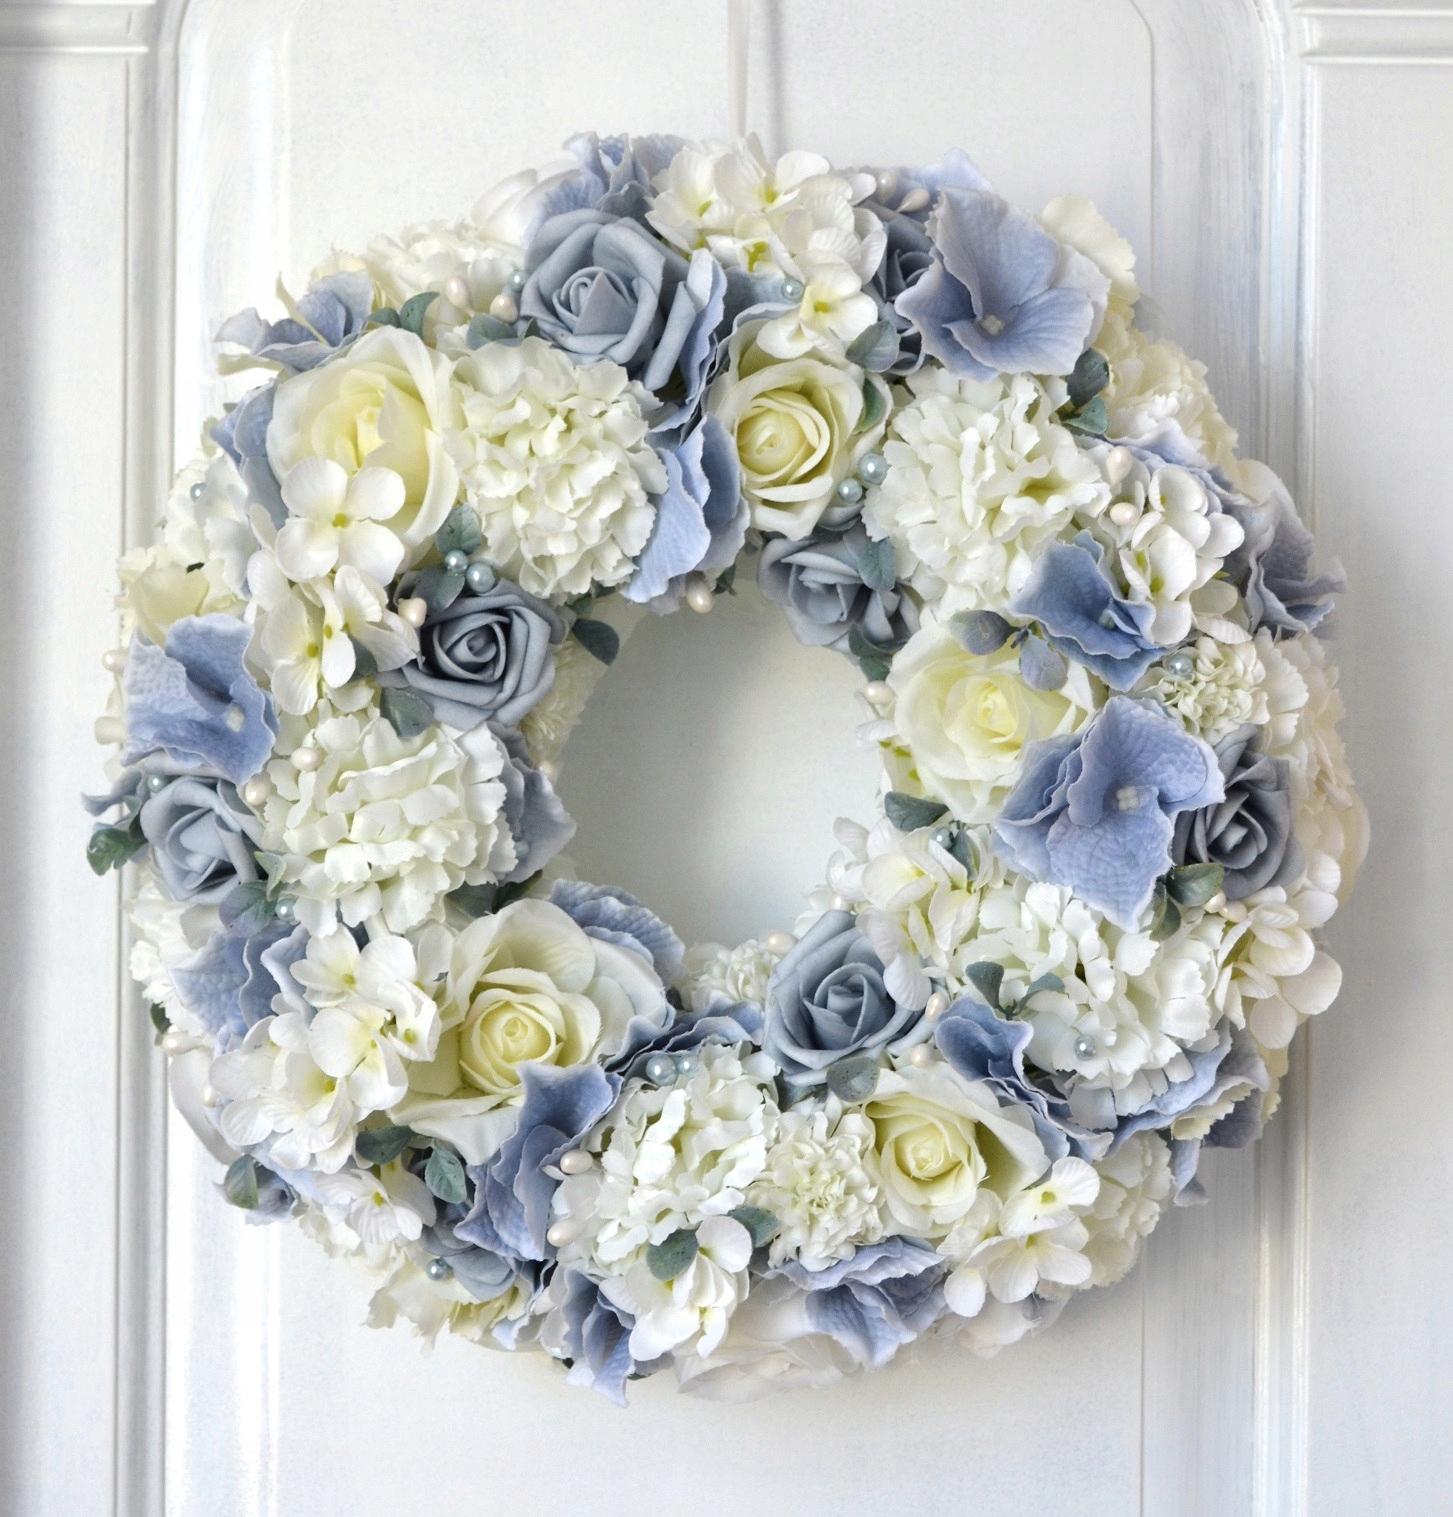 Wianek Na Drzwi Dekoracja Hortensja Róże Niebiesk